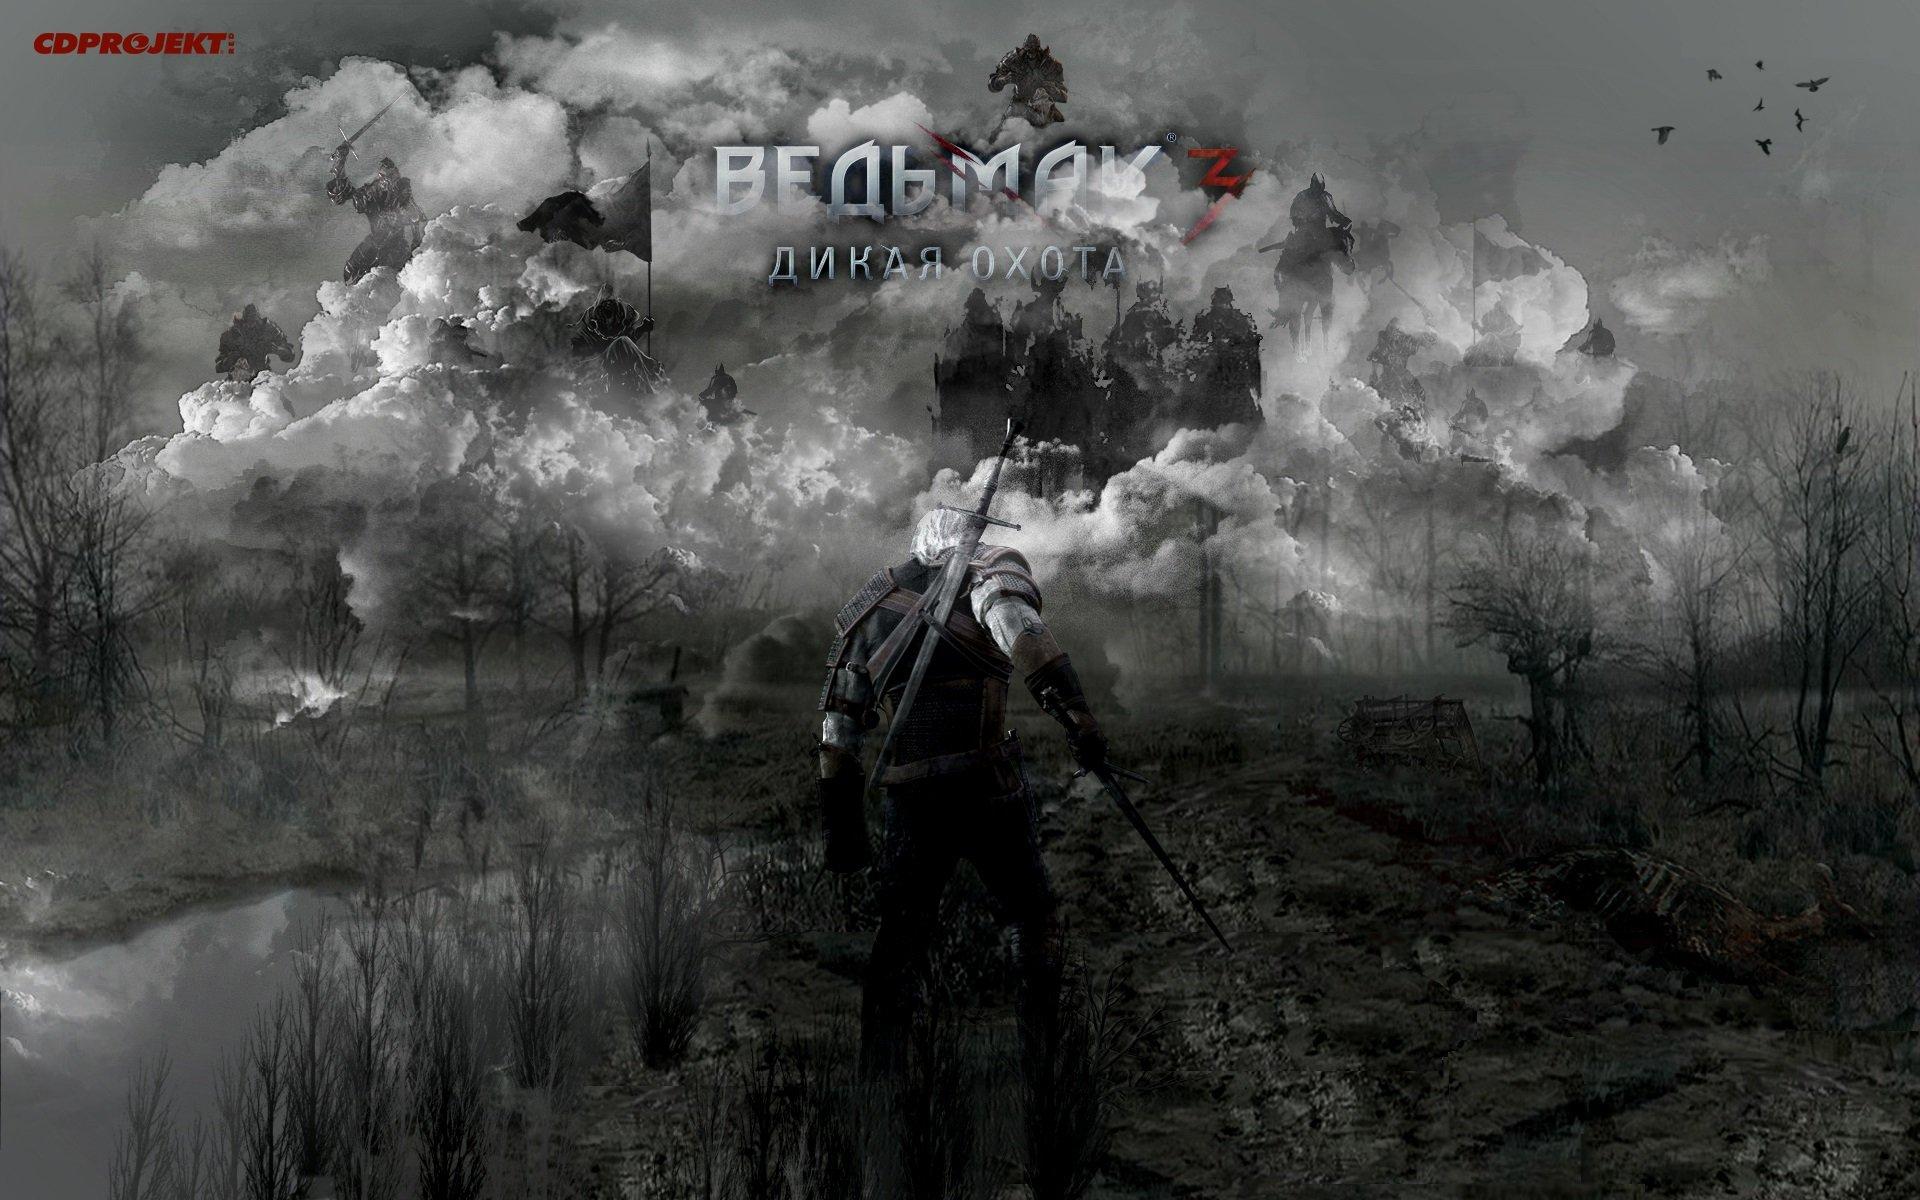 Релиз The Witcher 3: Wild Hunt перенесен на 19 мая 2015 г.   Как многие уже наверняка знают CD PROJEKT RED объявили  ... - Изображение 2